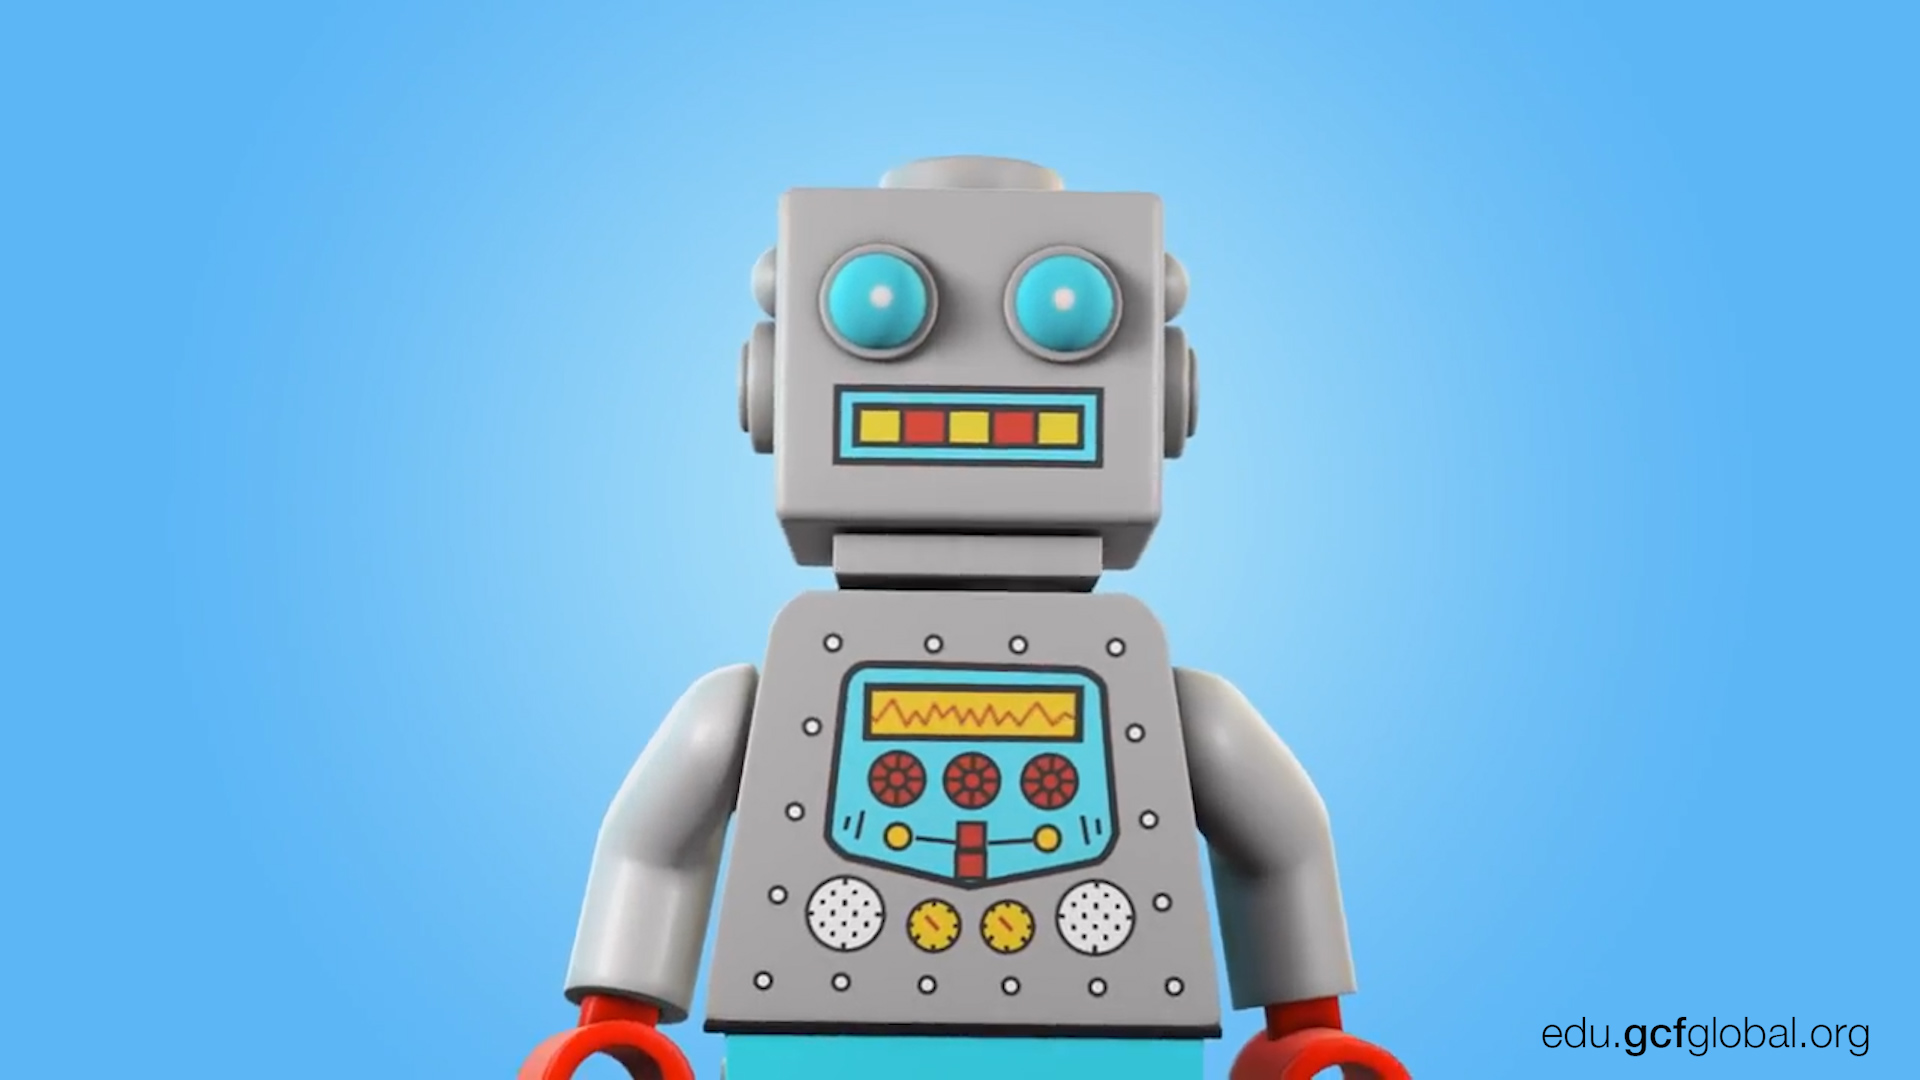 Imagen de Ralph, el bot que ayuda a comprar juguetes personalmente.